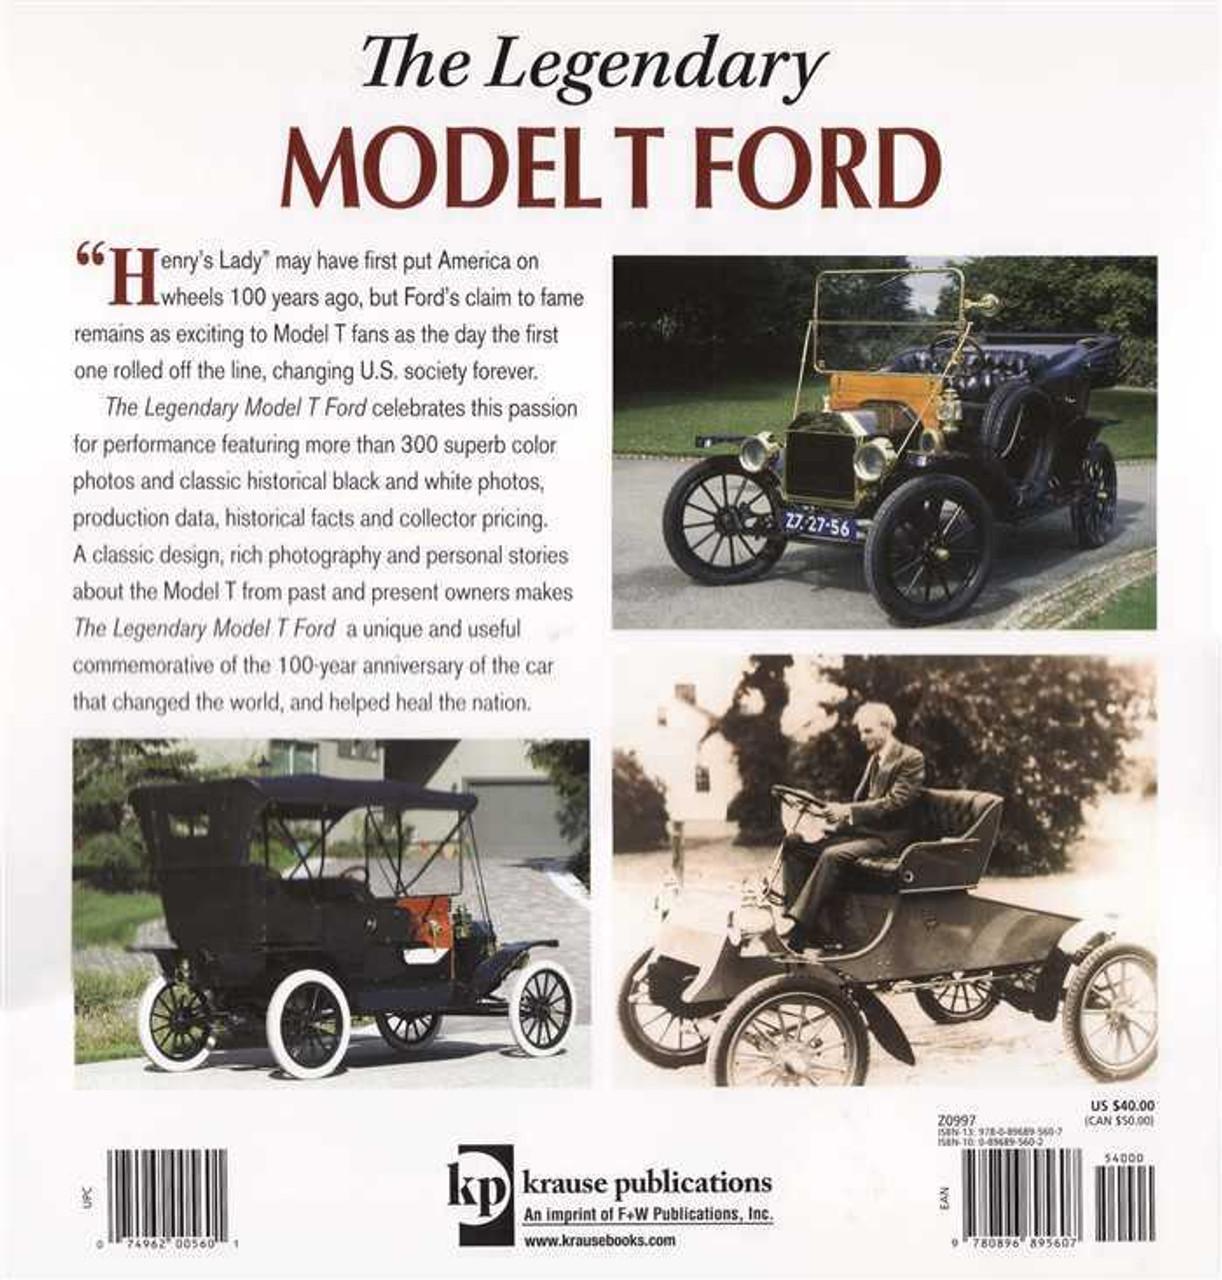 The Legendary Model T Ford